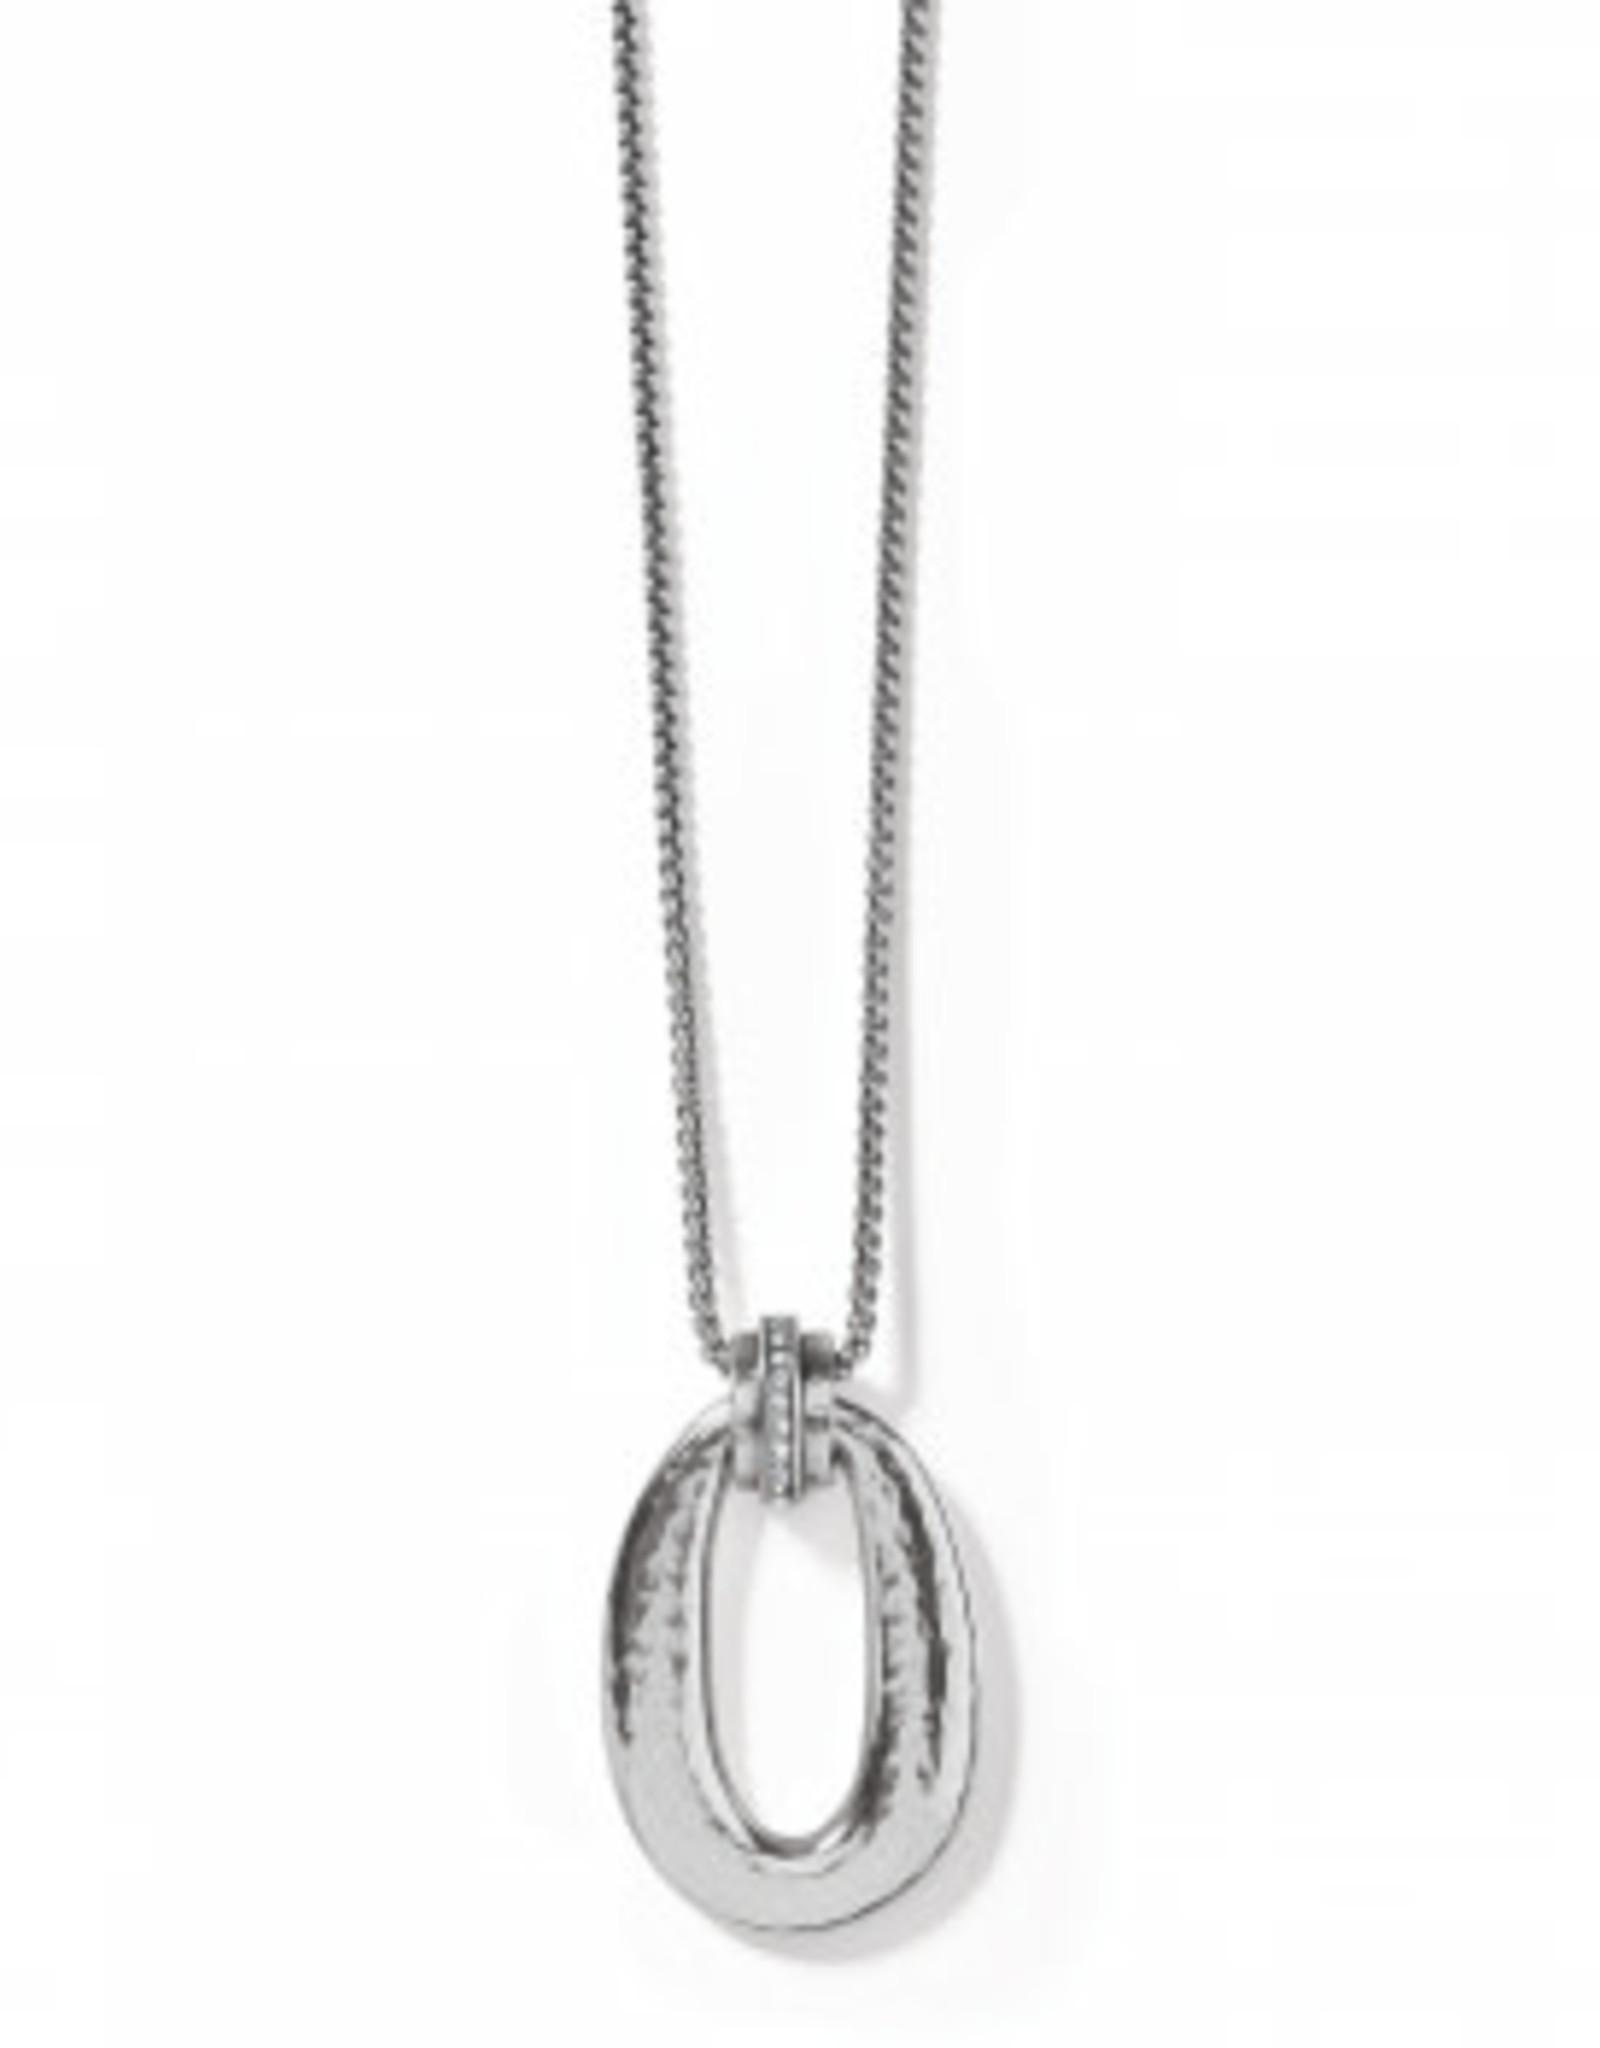 Brighton Meridian Lumens Pendant Necklace